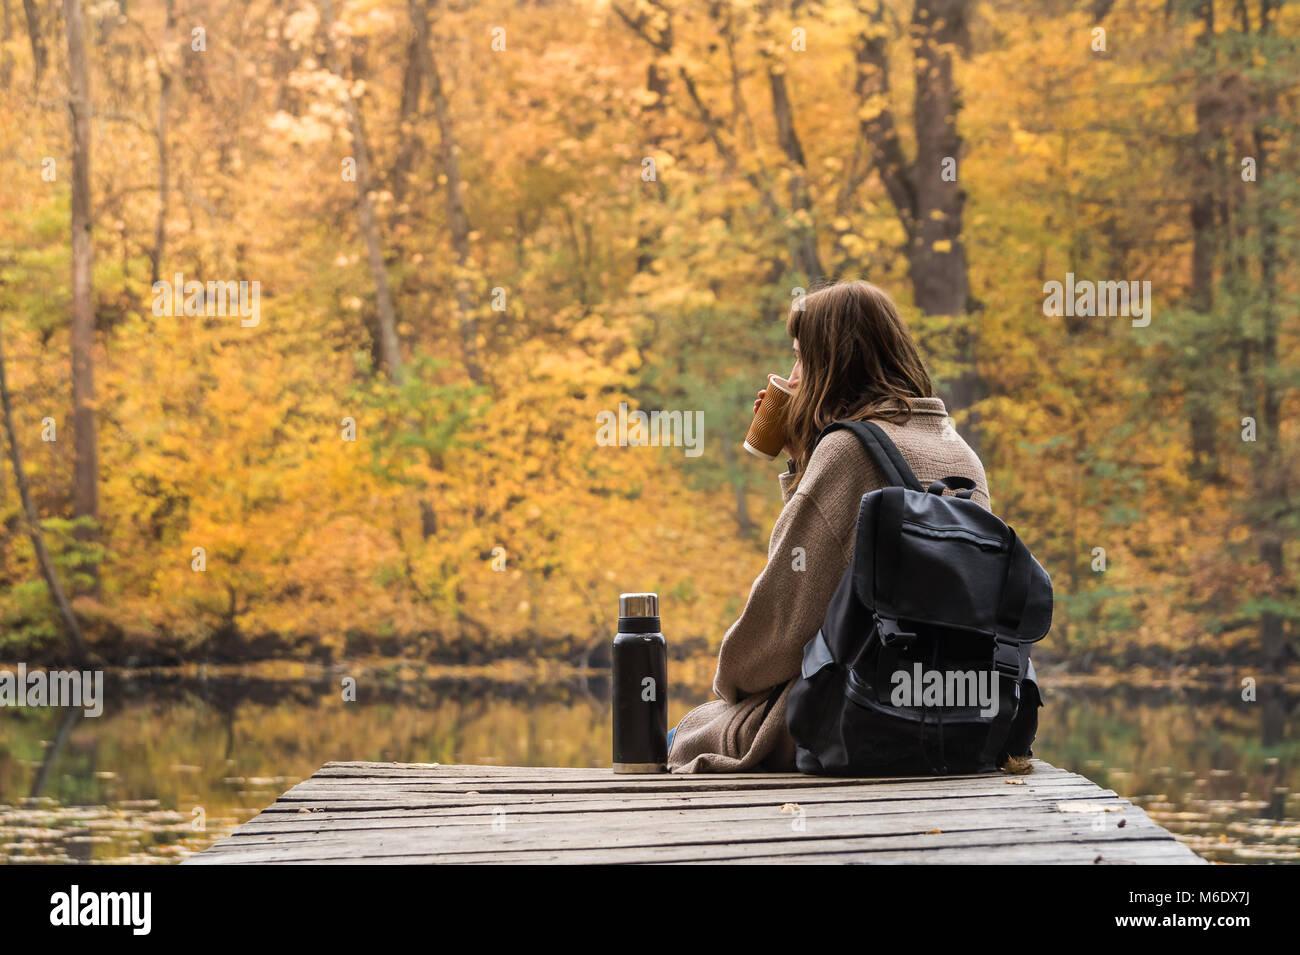 Girl reste et boisson chaude de thermos près du lac dans un parc de la nature sur un jour d'automne d'or Photo Stock